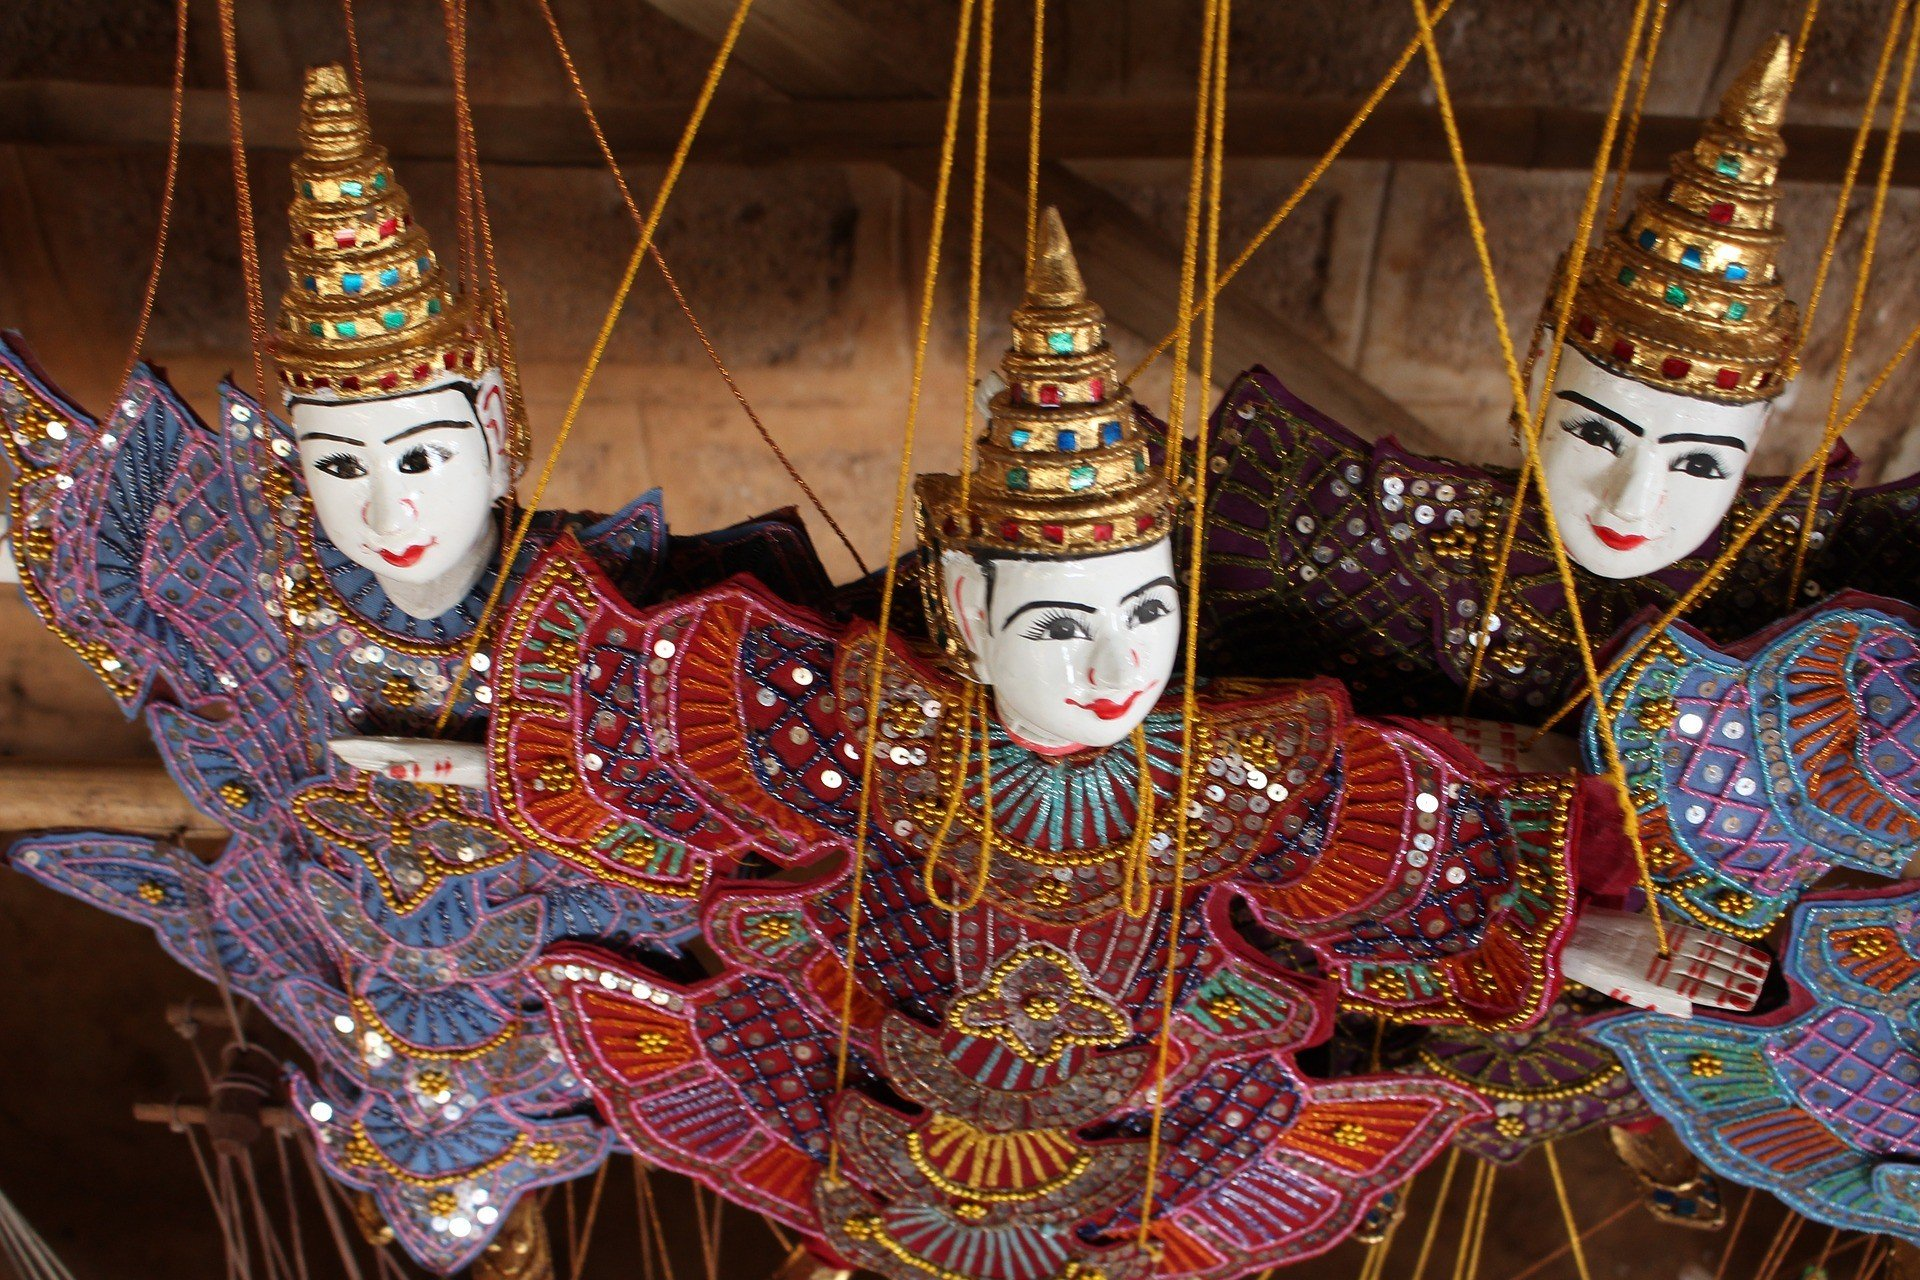 Htwe Oo Myanmar Puppet Theatre in Yangon